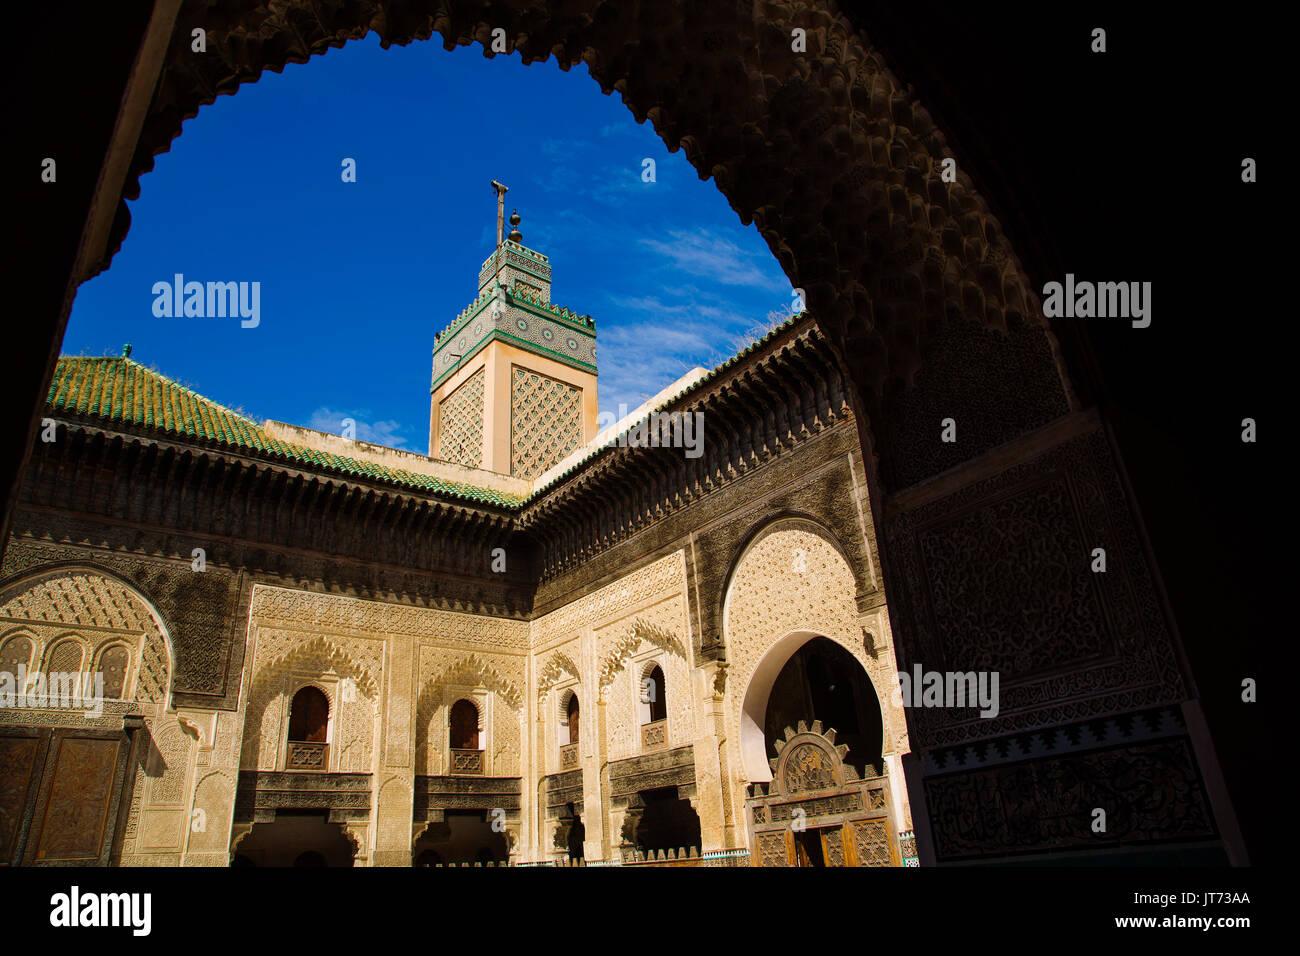 Die Madrasa Medersa Bou Inania oder Bu Inaniya. Souk Medina von Fes, Fes el Bali. Marokko, Maghreb Nordafrika Stockbild